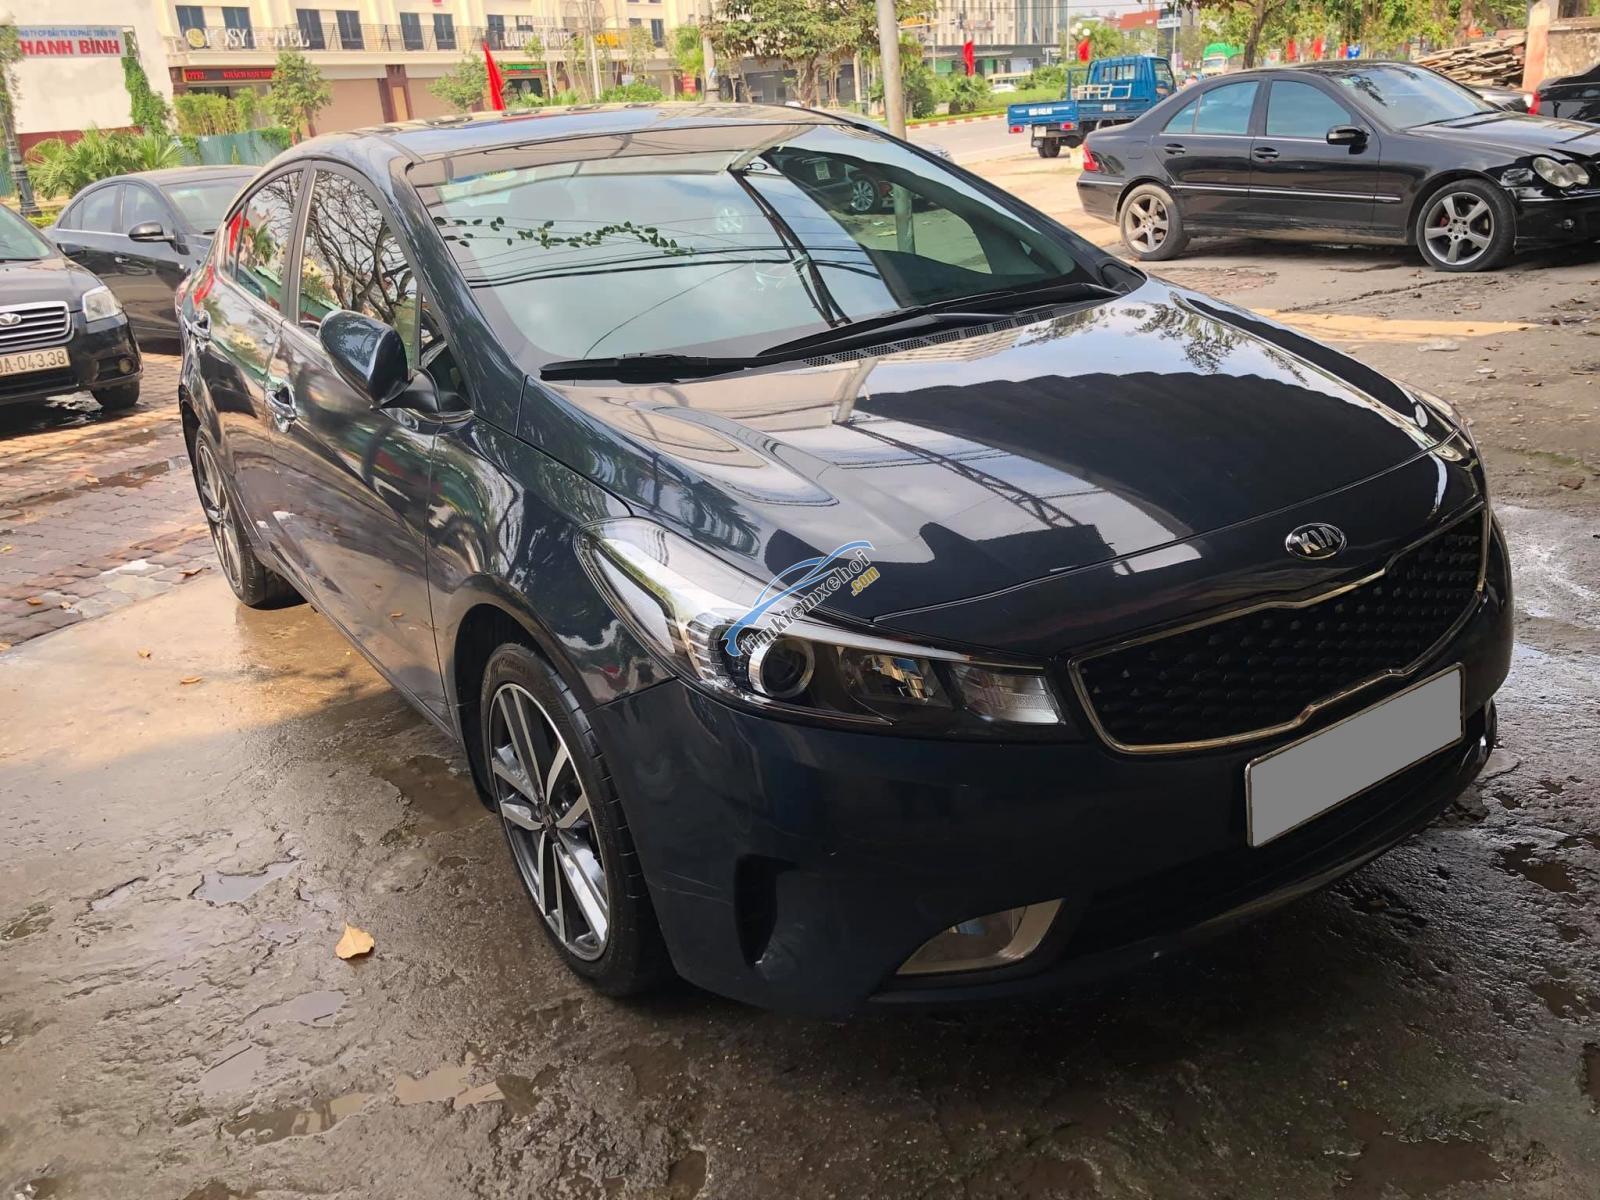 Cần bán xe Kia Cerato 1.6AT 2017 màu xanh đen